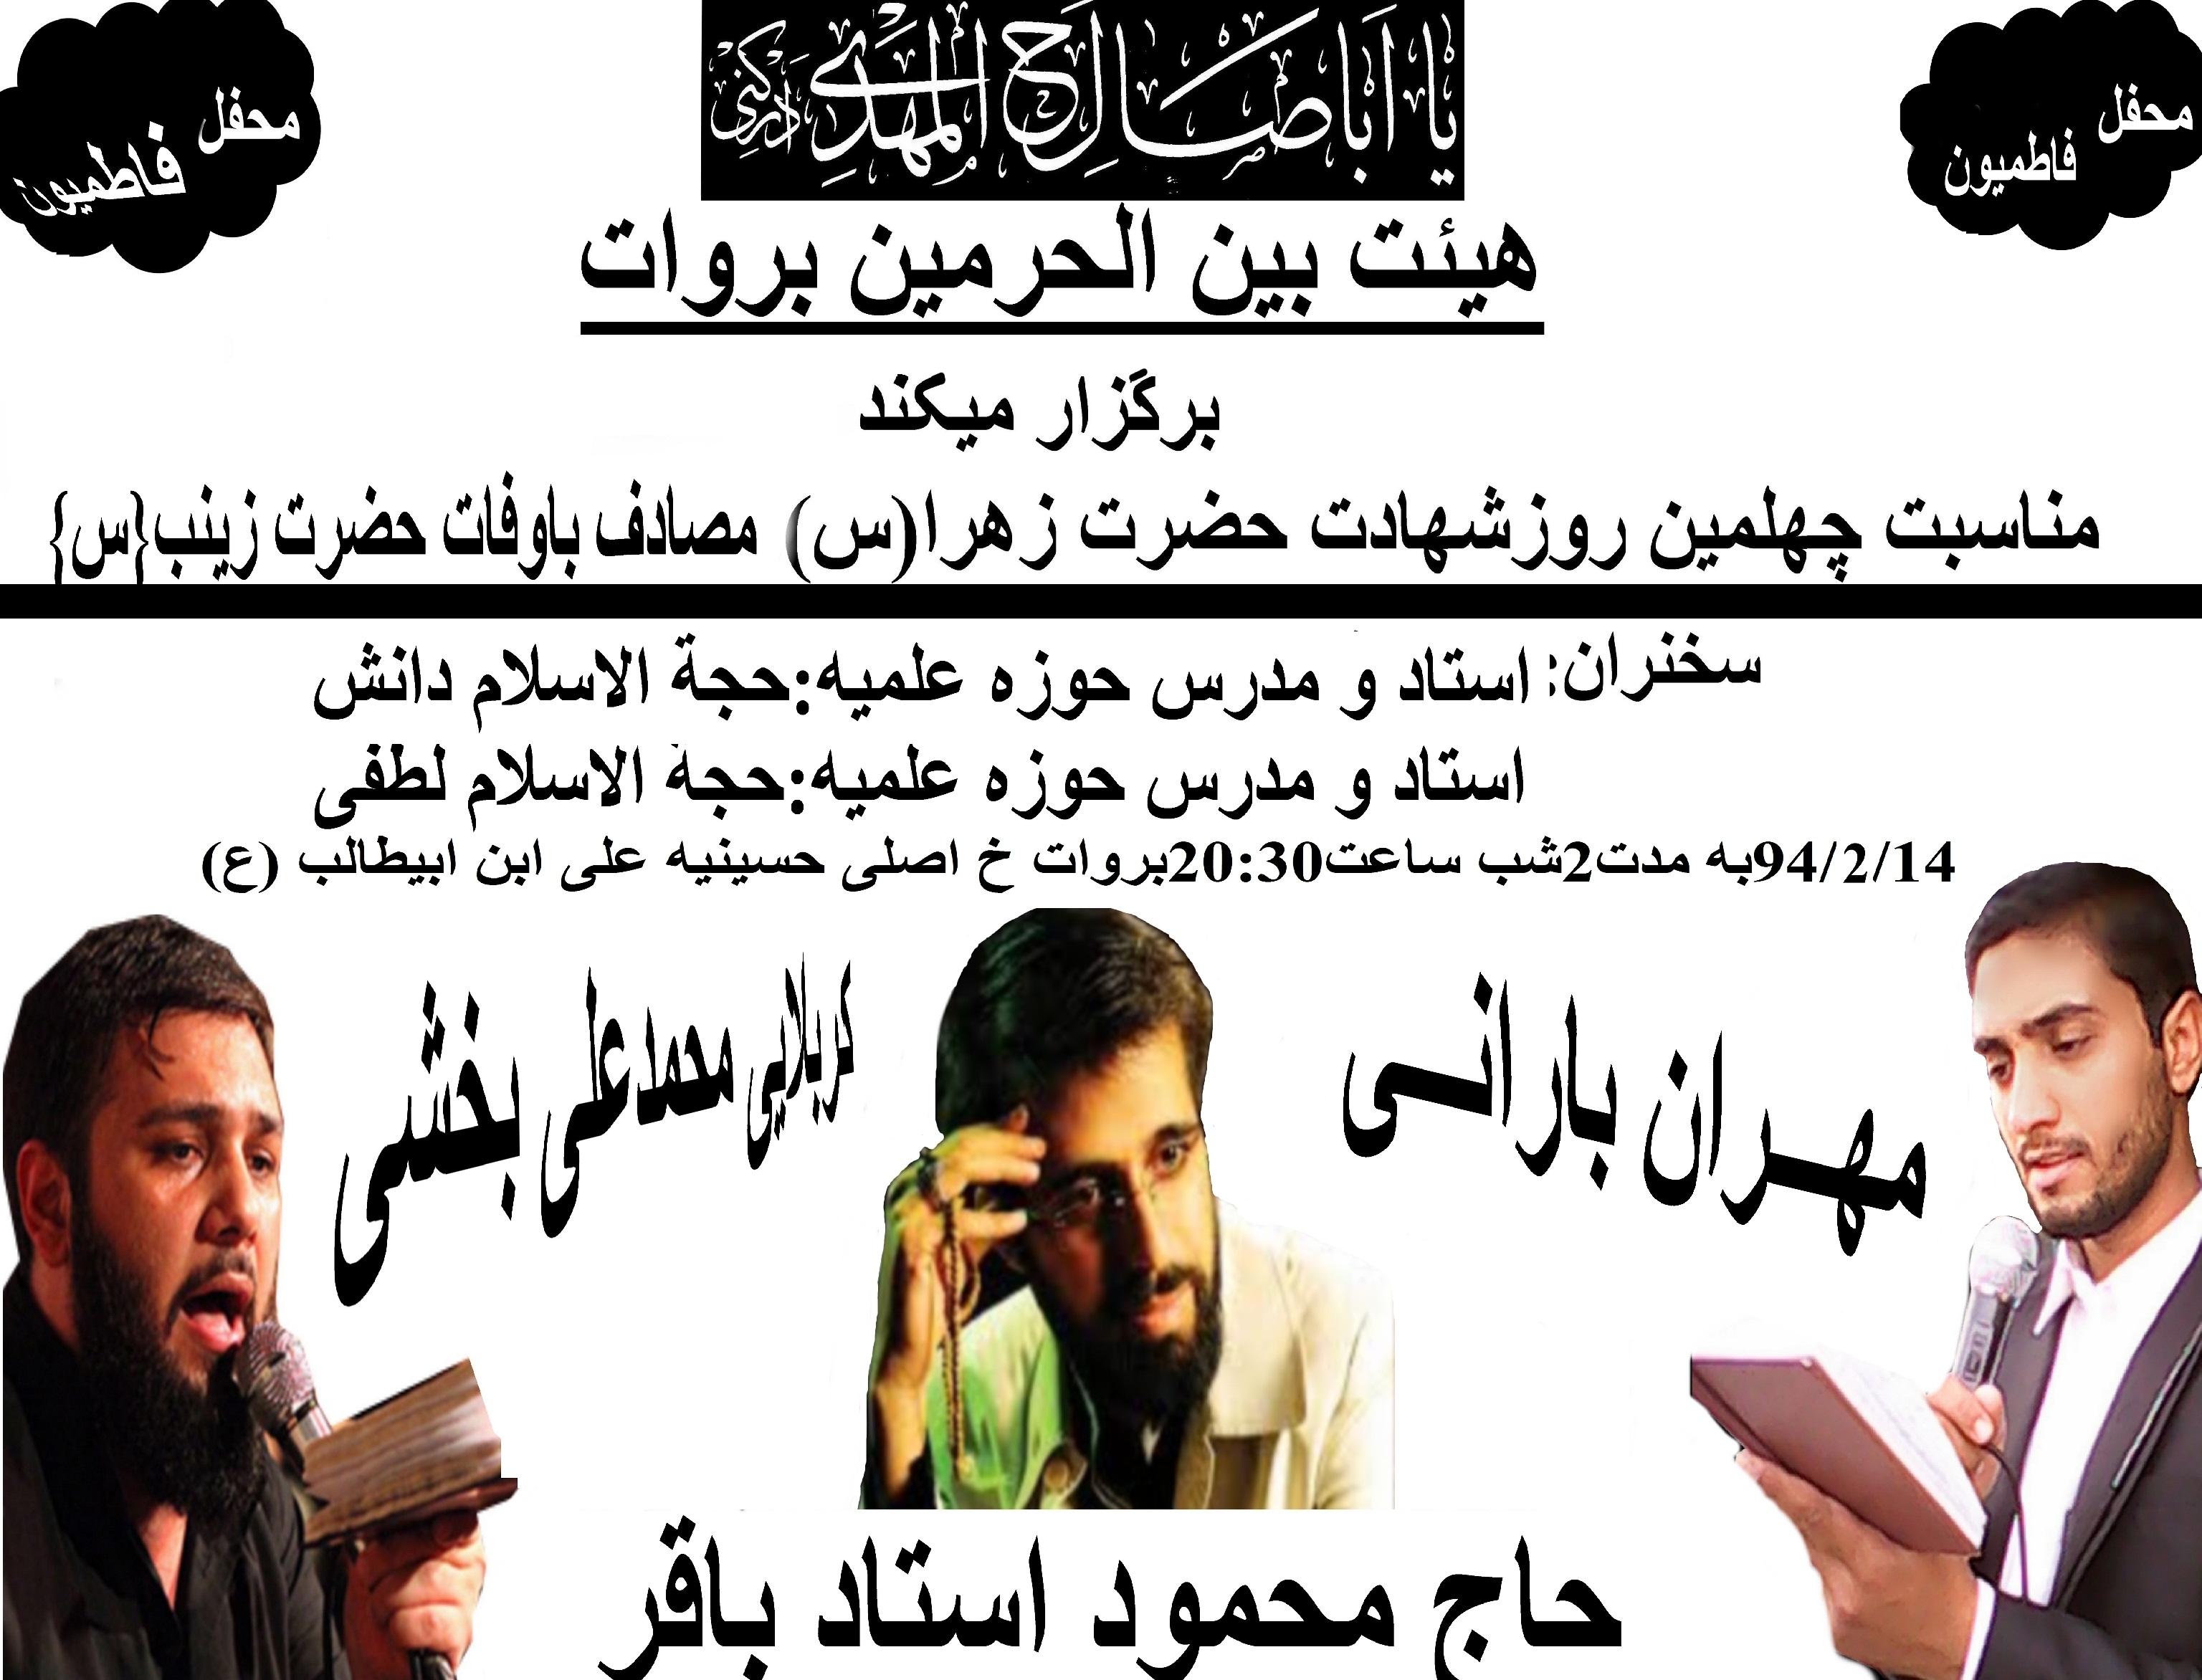 مداحی مهران بارانی کربلایی محمد علی بخشی.حاج محمود استاد باقر